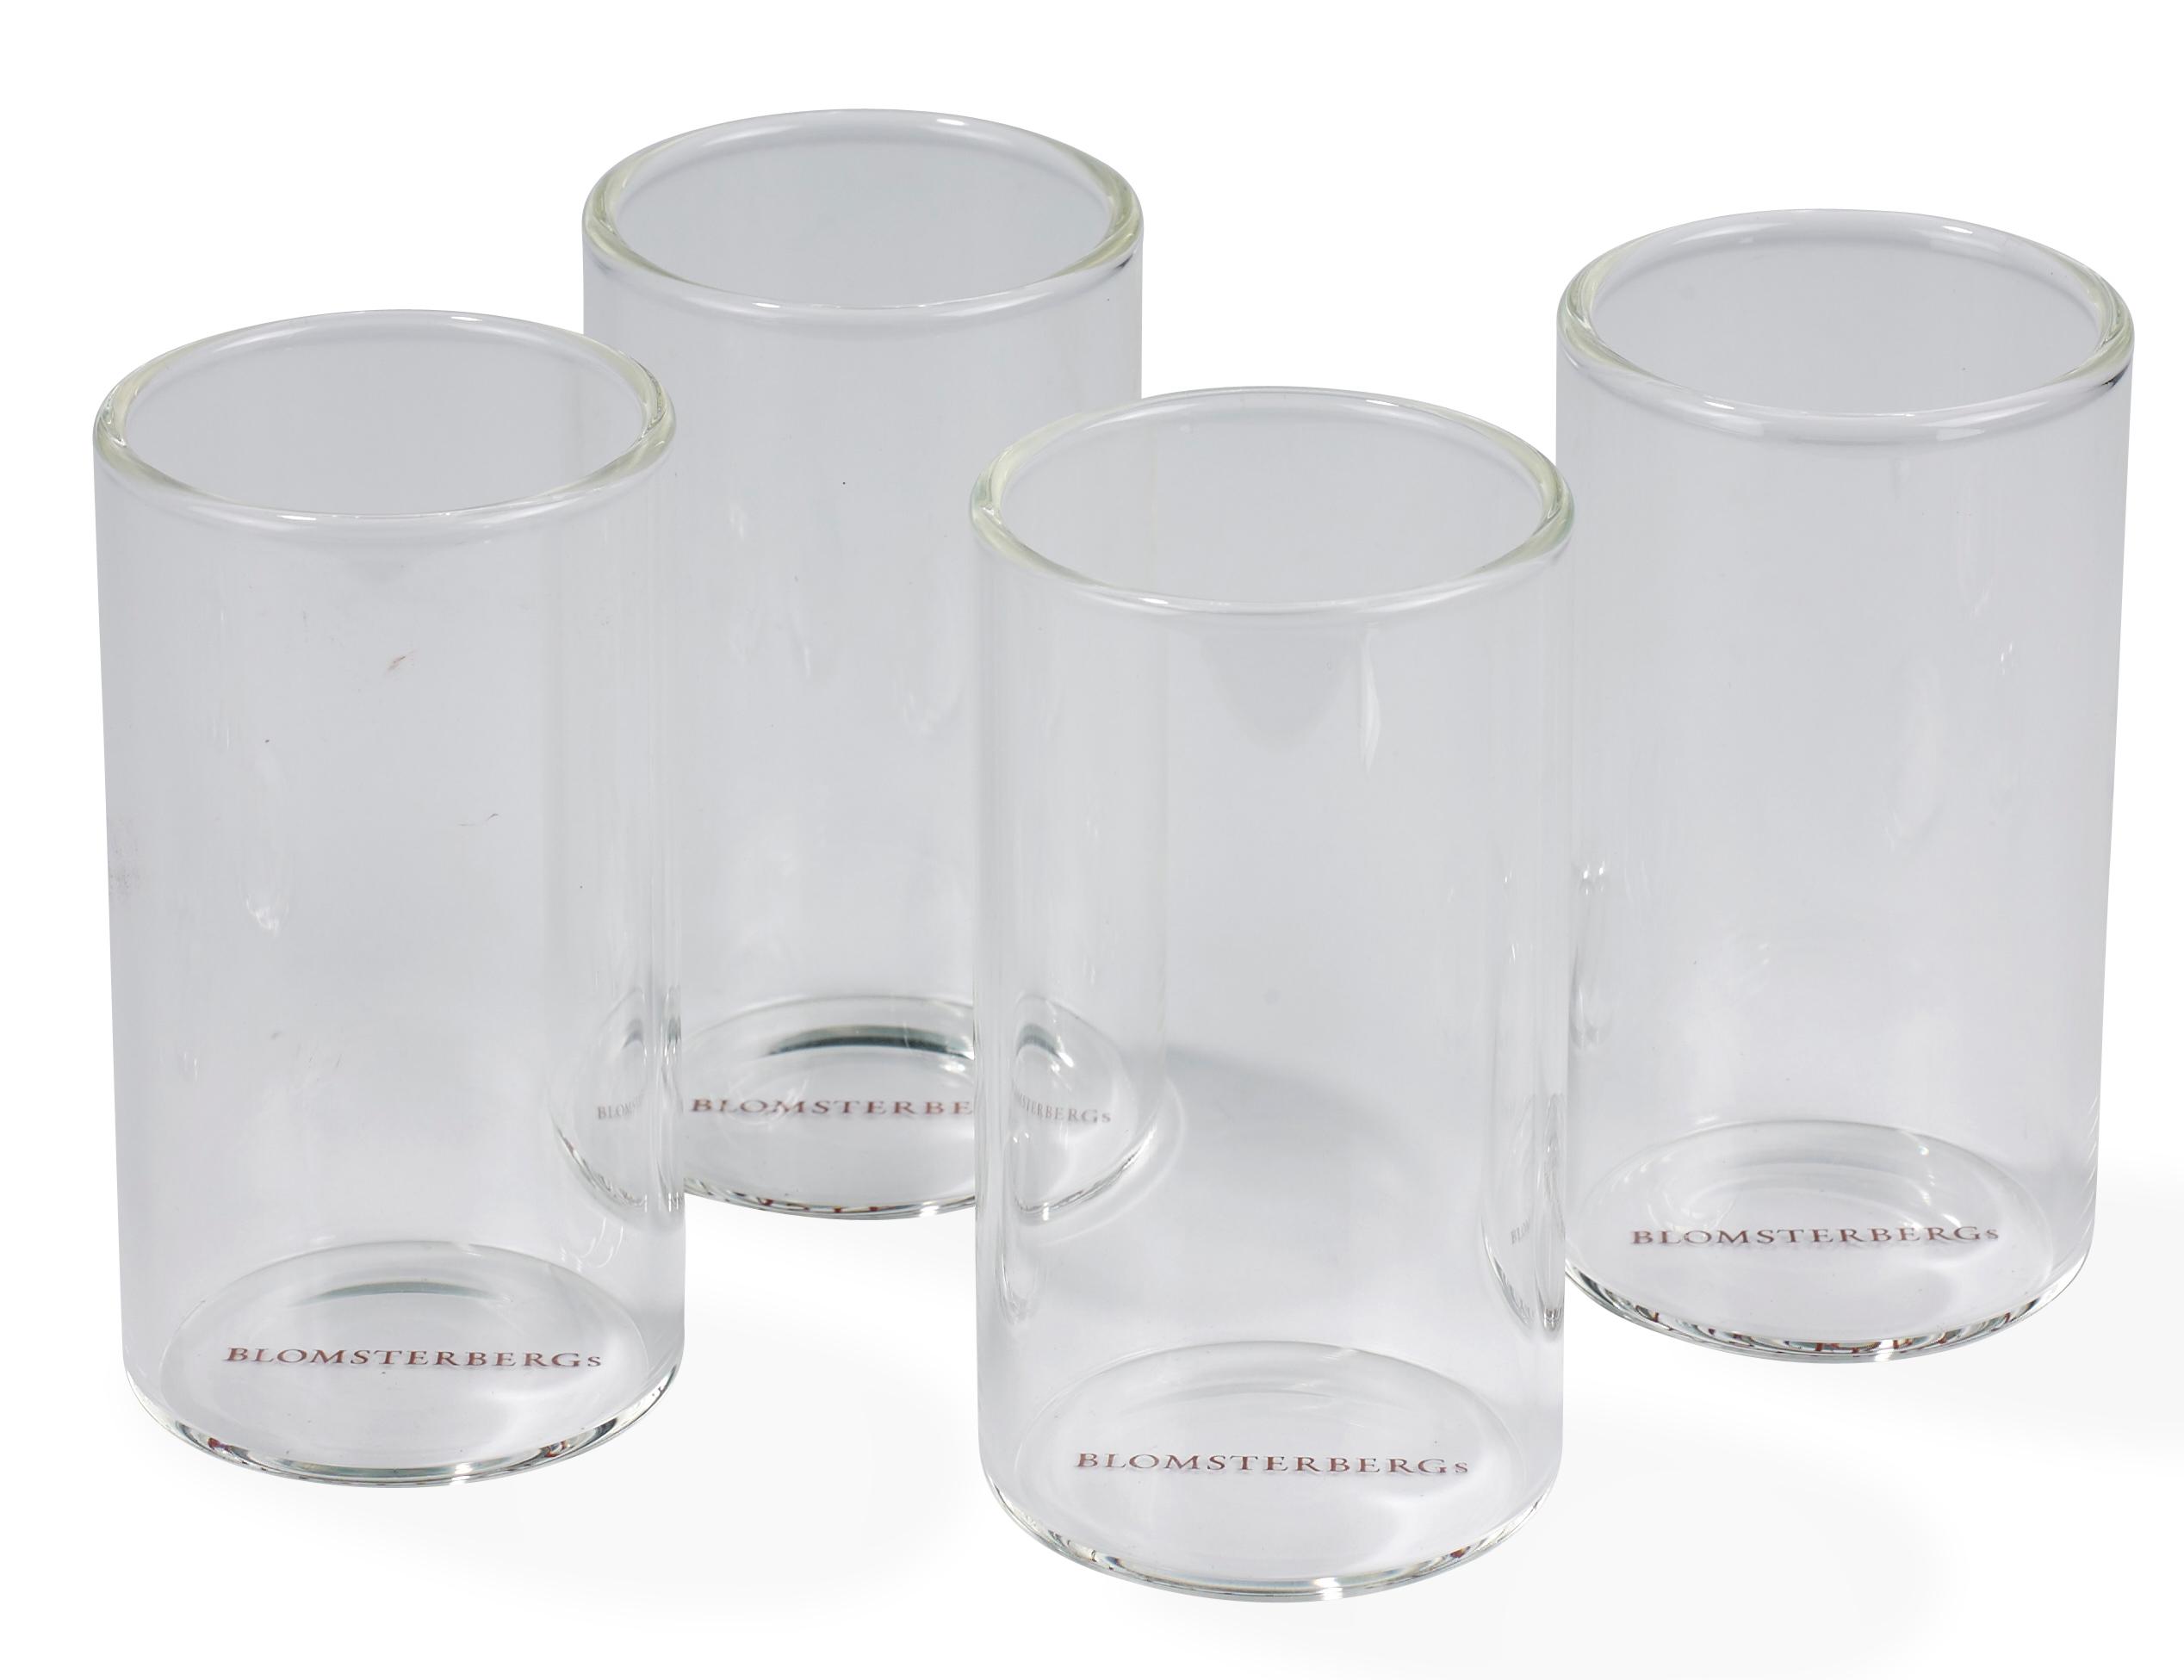 Blomsterberg Serveringsglas Large 4 st